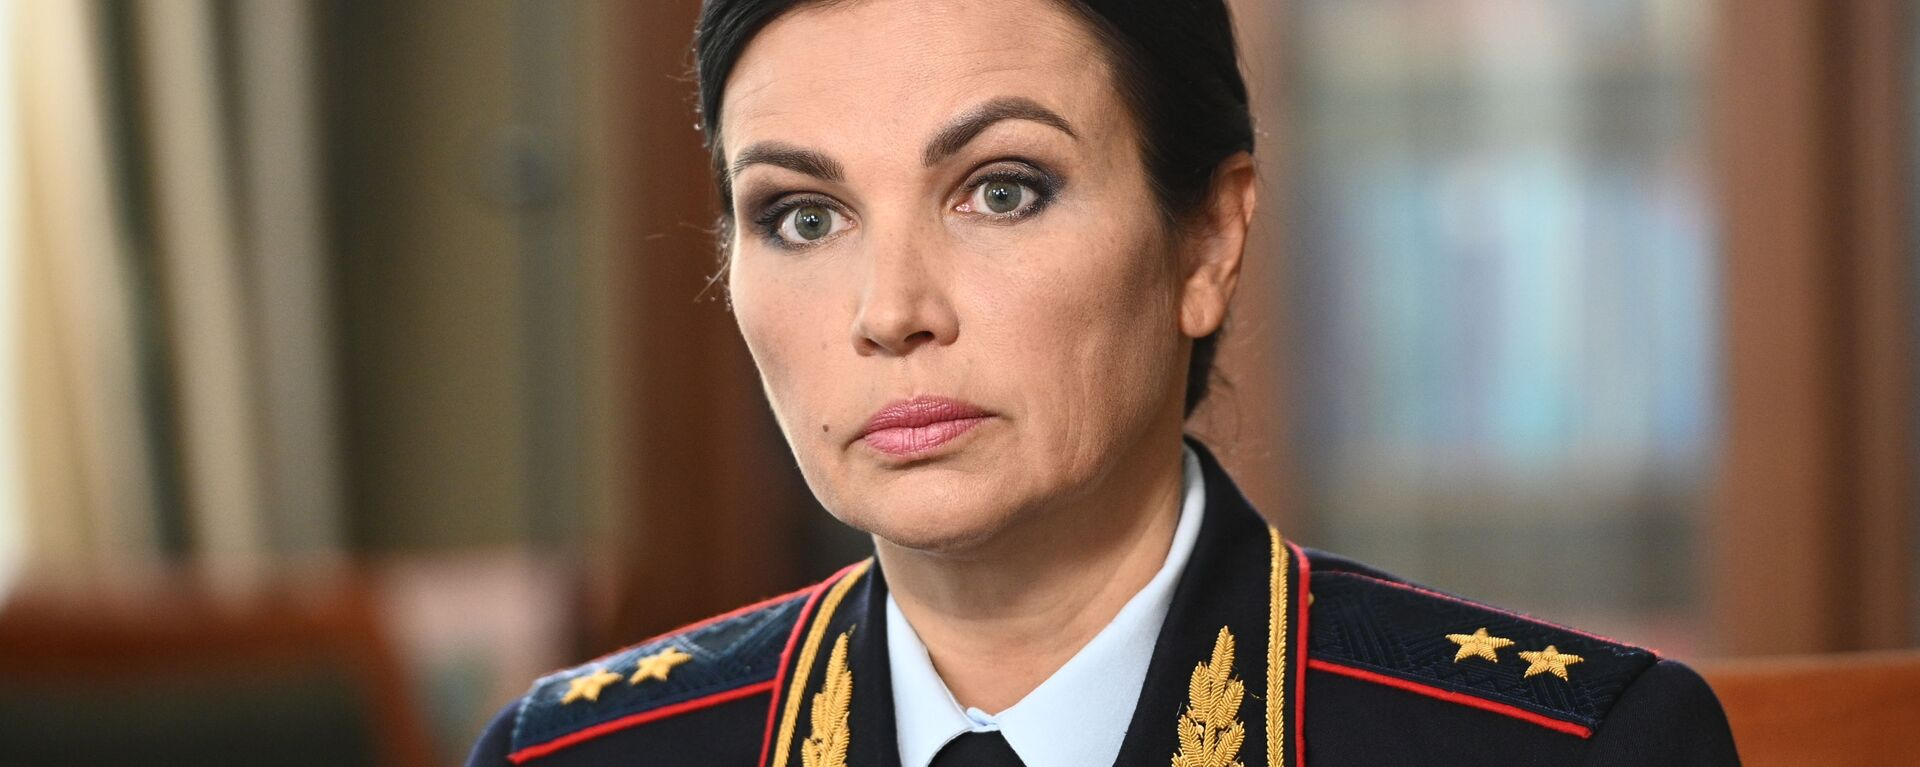 Nachalnik Glavnogo upravleniya po voprosam migratsii MVD RF general-leytenant Valentina Kazakova - Sputnik Oʻzbekiston, 1920, 30.03.2021